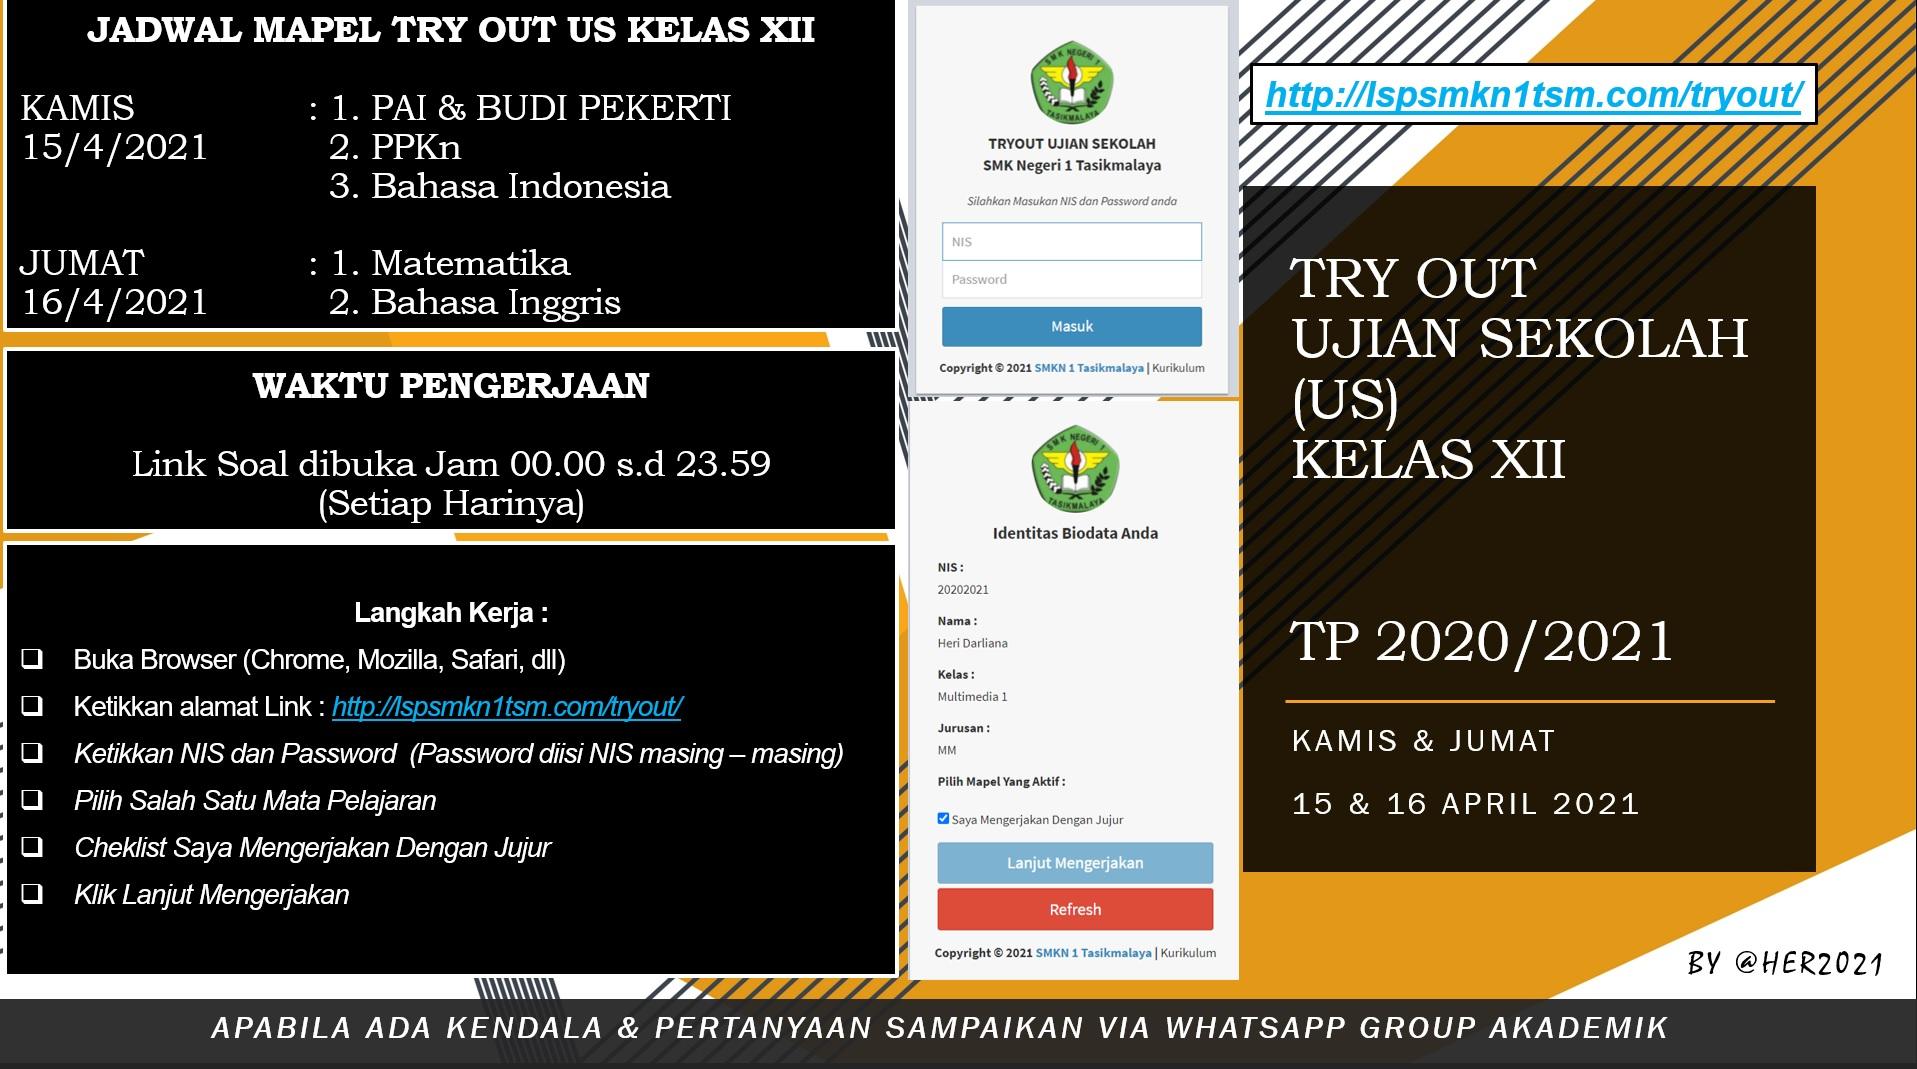 Try Out Persiapan US Kelas XII 2020/2021